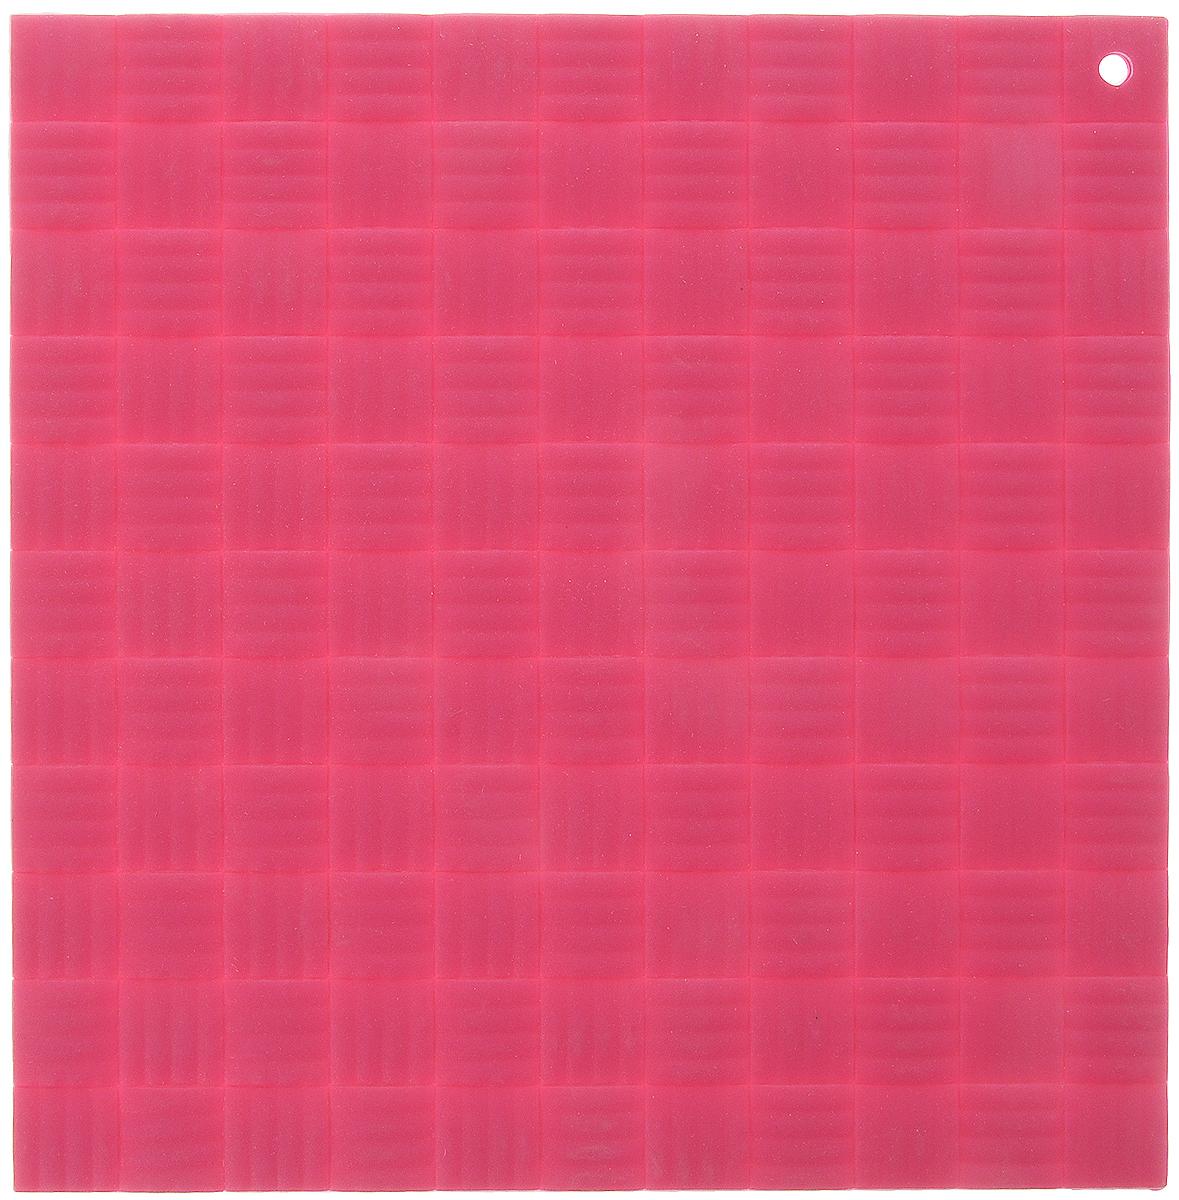 Подставка под горячее Paterra, силиконовая, цвет: малиновый, 17,5 х 17,5 см402-499_малиновыйПодставка под горячее Paterra изготовлена из силикона и оснащена специальным отверстием для подвешивания. Материал позволяет выдерживать высокие температуры и не скользит по поверхности стола.Каждая хозяйка знает, что подставка под горячее - это незаменимый и очень полезный аксессуар на каждойкухне. Ваш стол будет не только украшен яркой и оригинальной подставкой, но и сбережен от воздействия высоких температур.